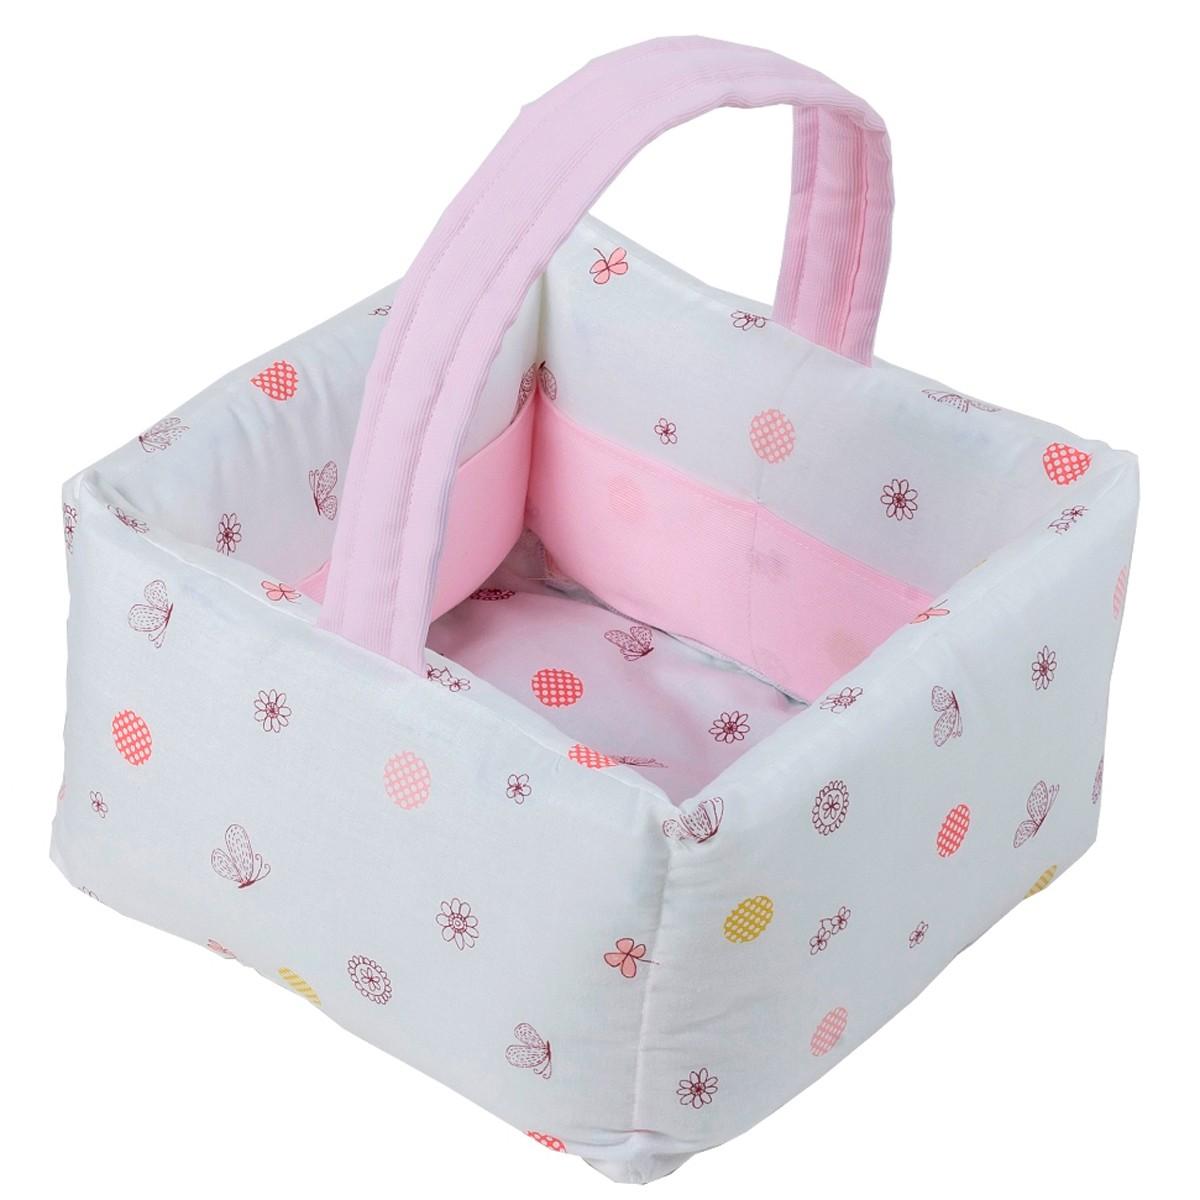 Καλαθάκι Καλλυντικών Κόσμος Του Μωρού 0684 Countryside Ροζ